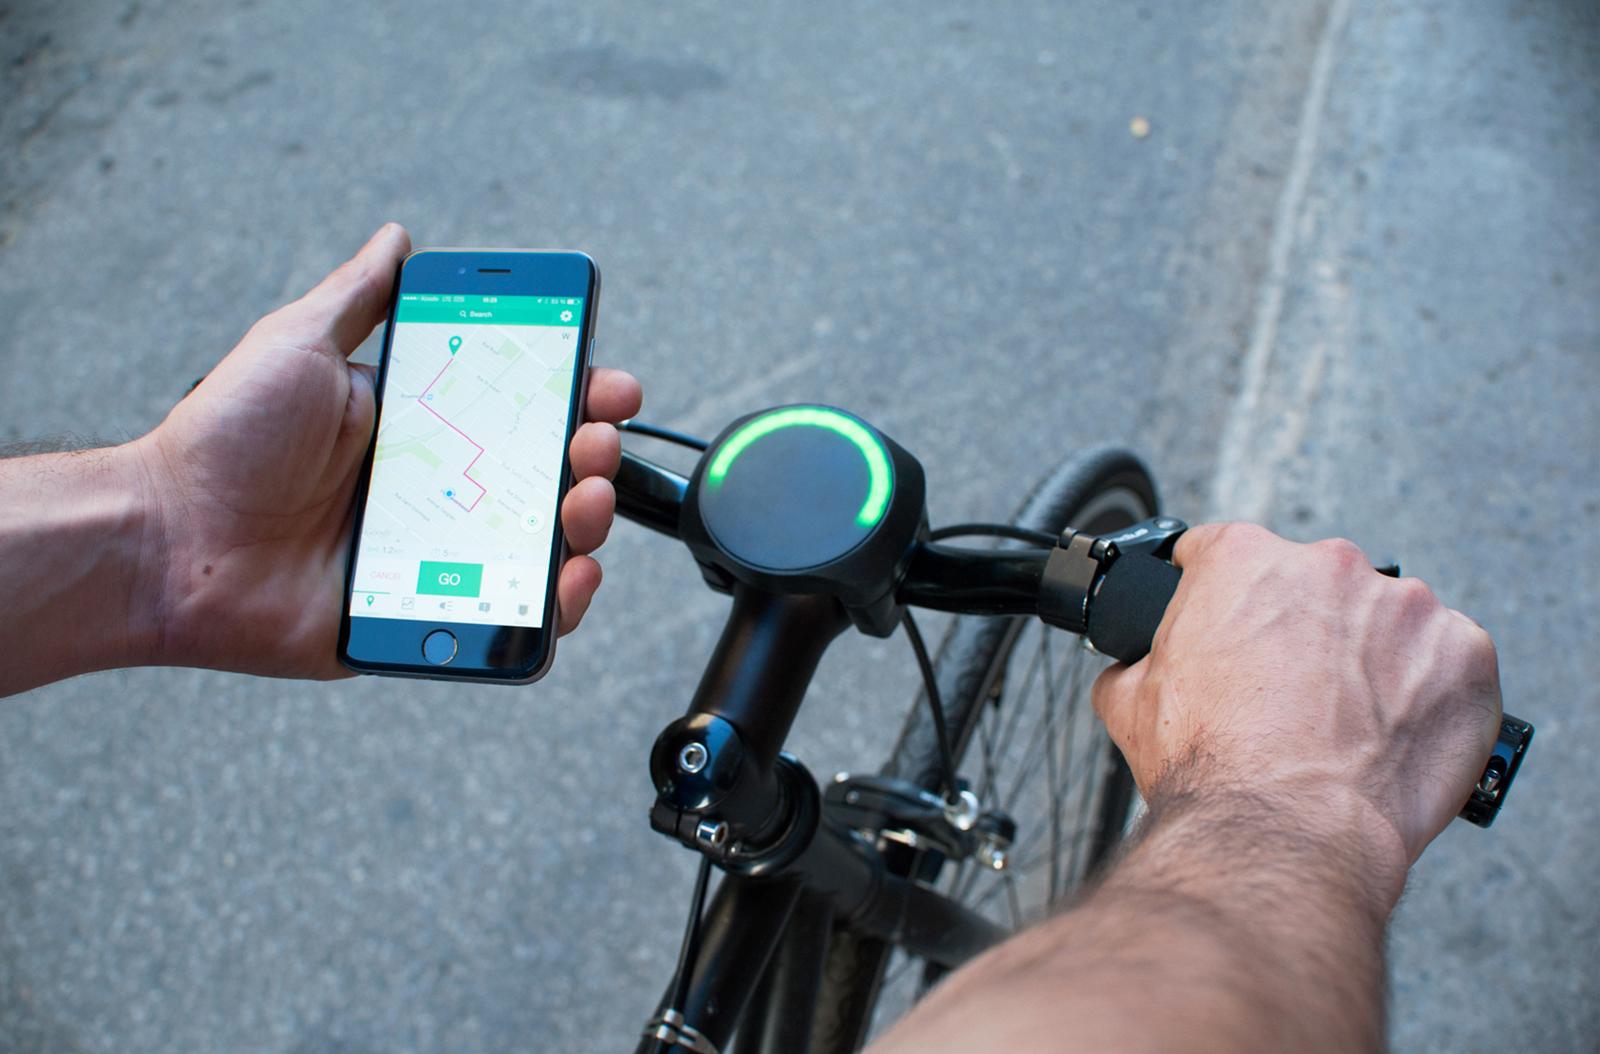 「SmartHalo」はランプで教えてくれるナビシステム